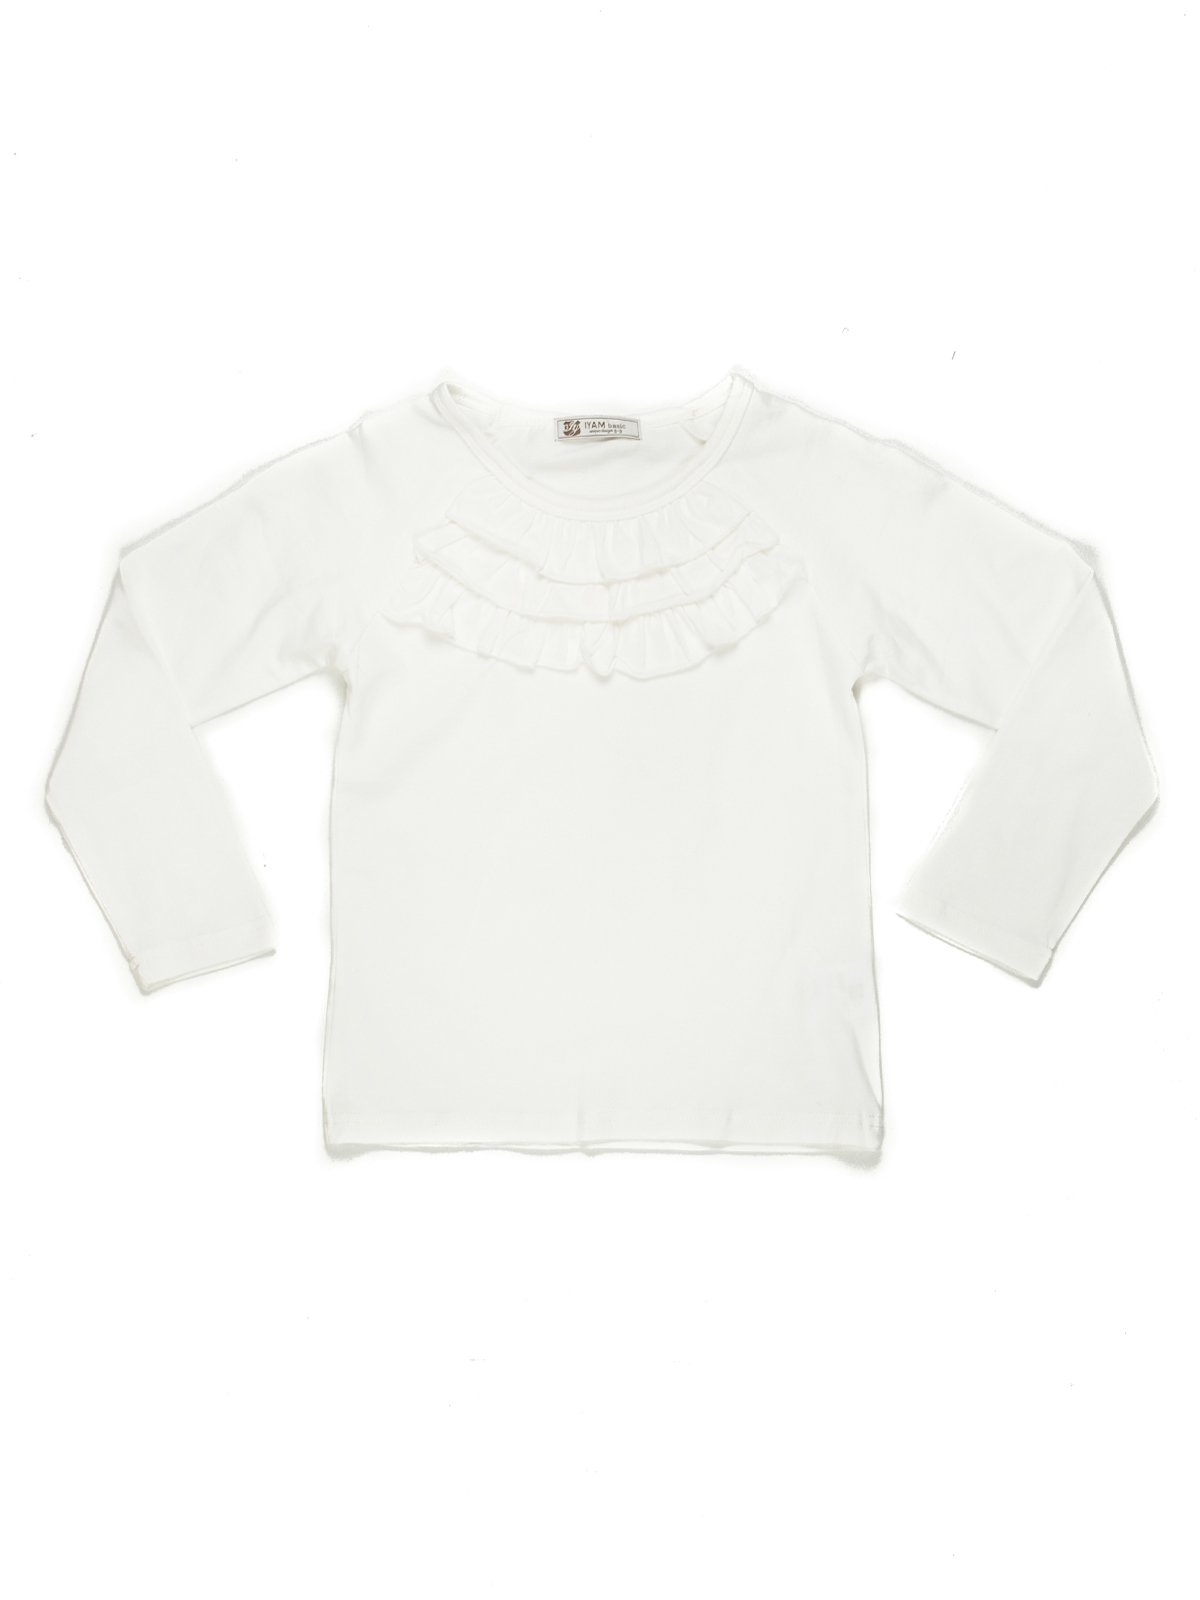 Джемпер белый с рюшами   449615